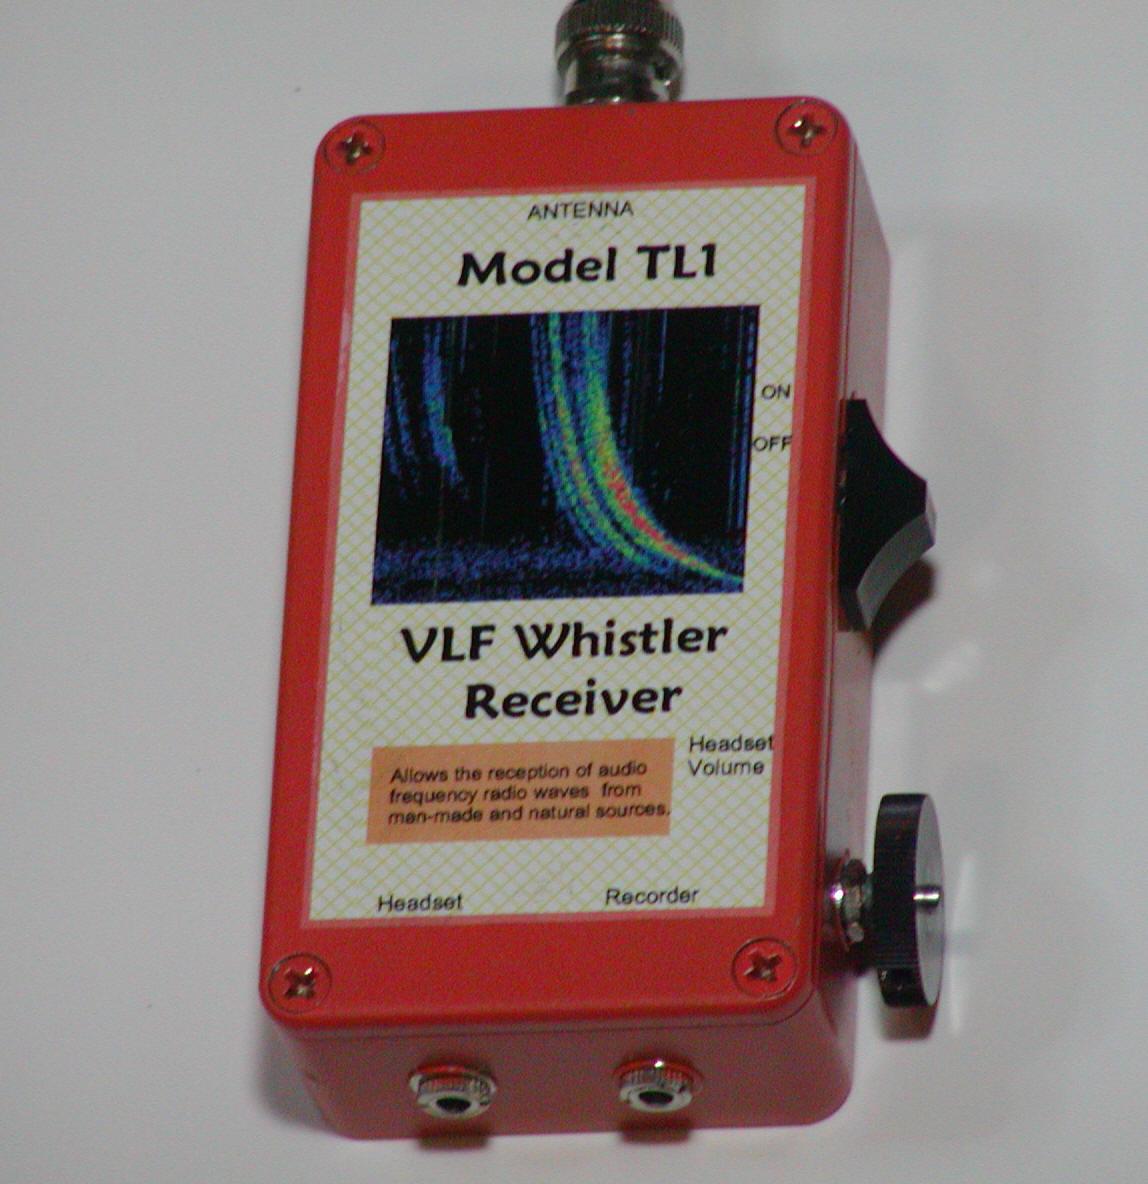 VLF Whistler Reception